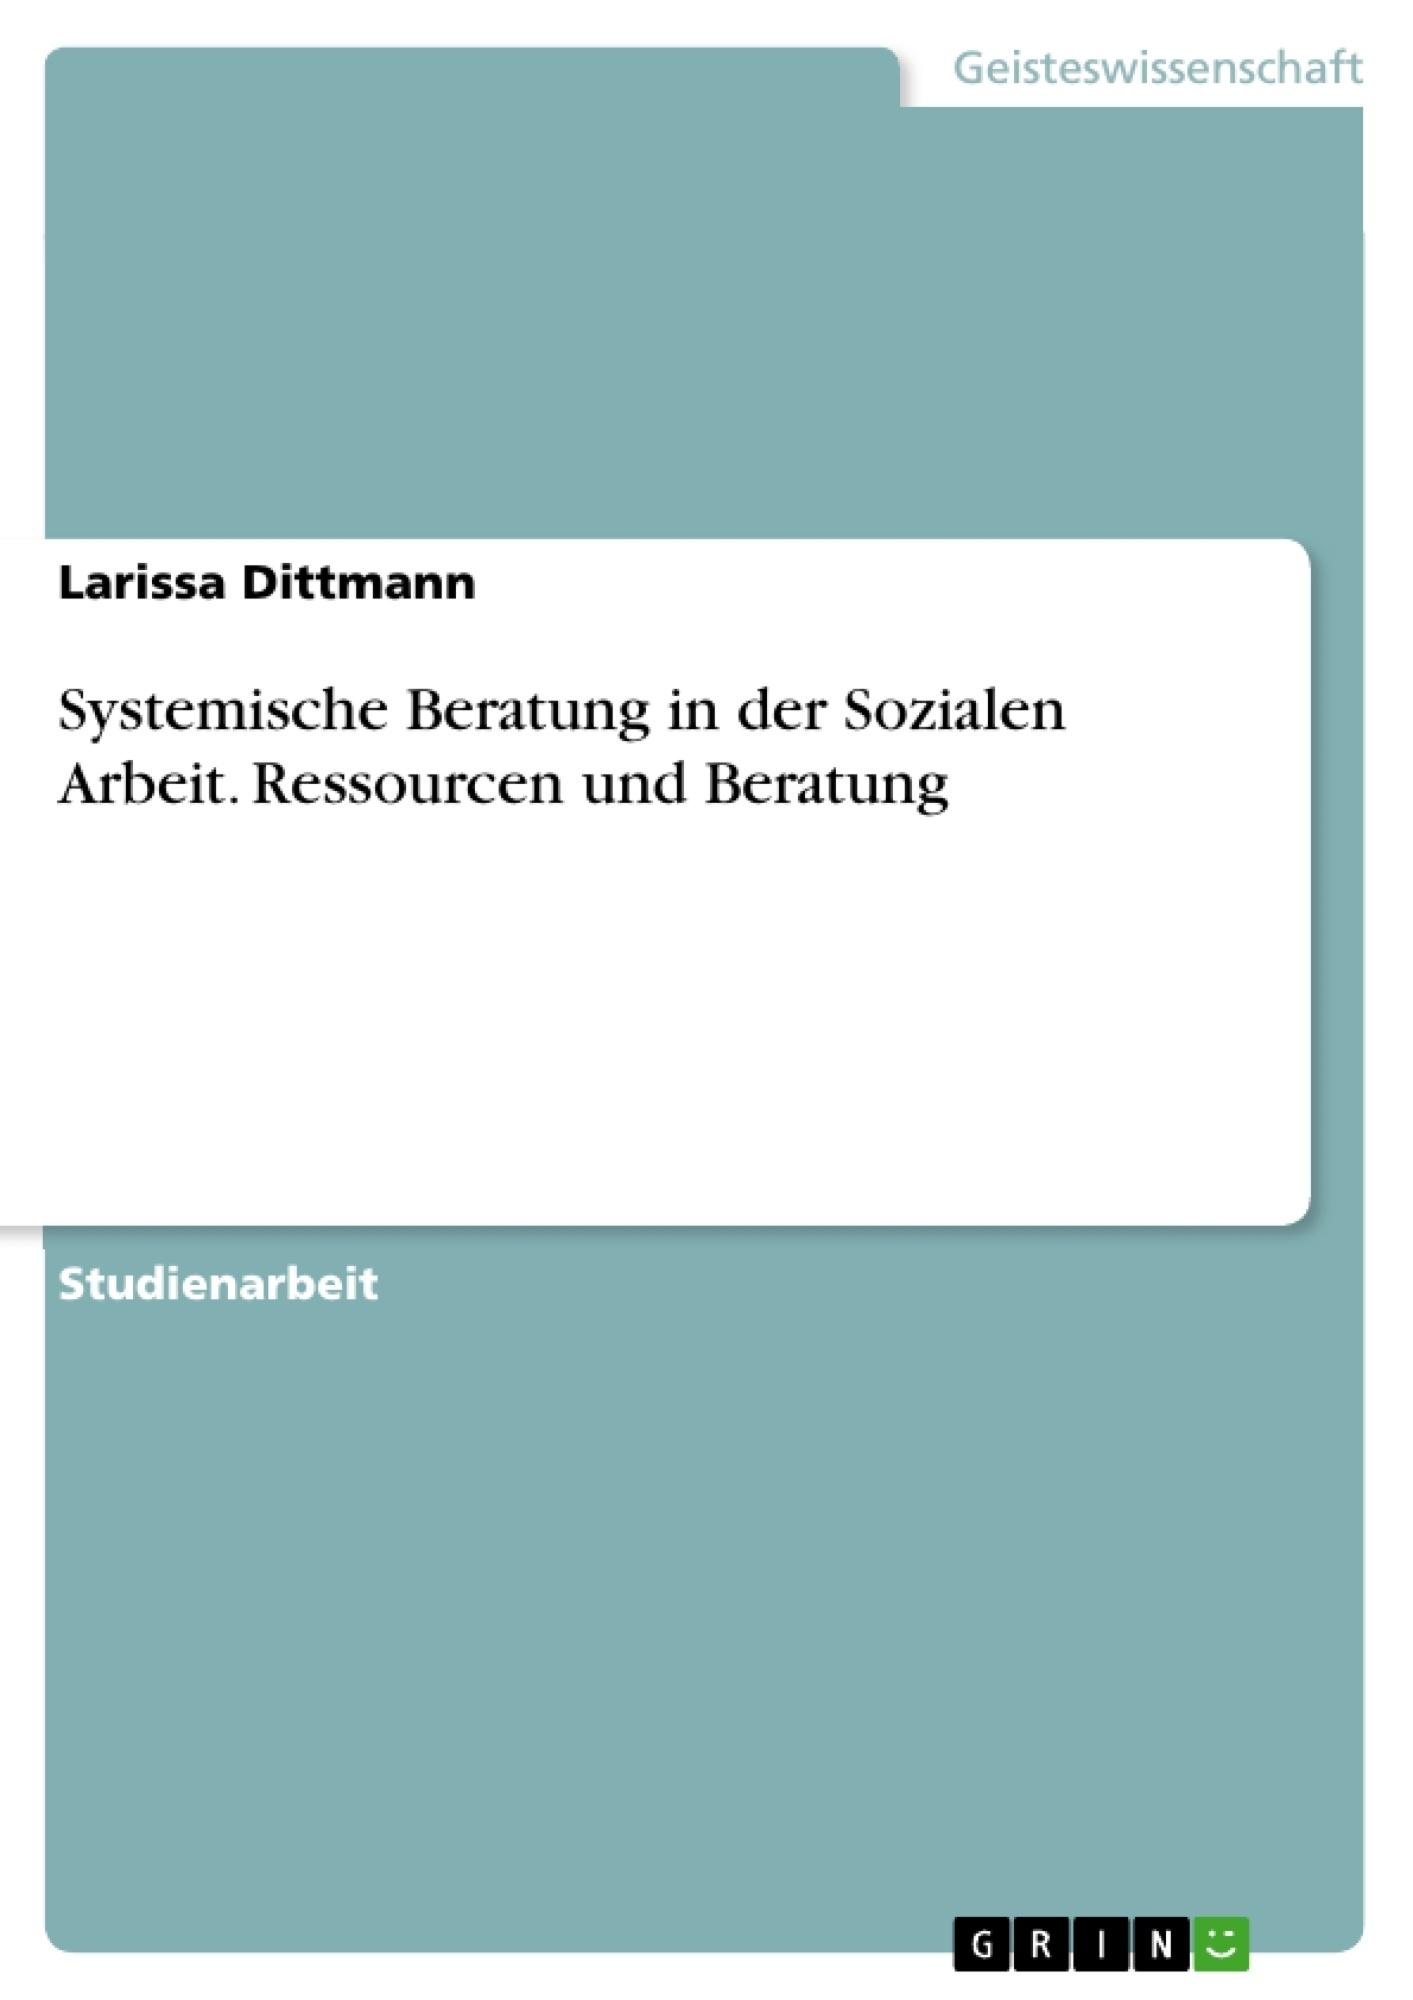 Titel: Systemische Beratung in der Sozialen Arbeit. Ressourcen und Beratung